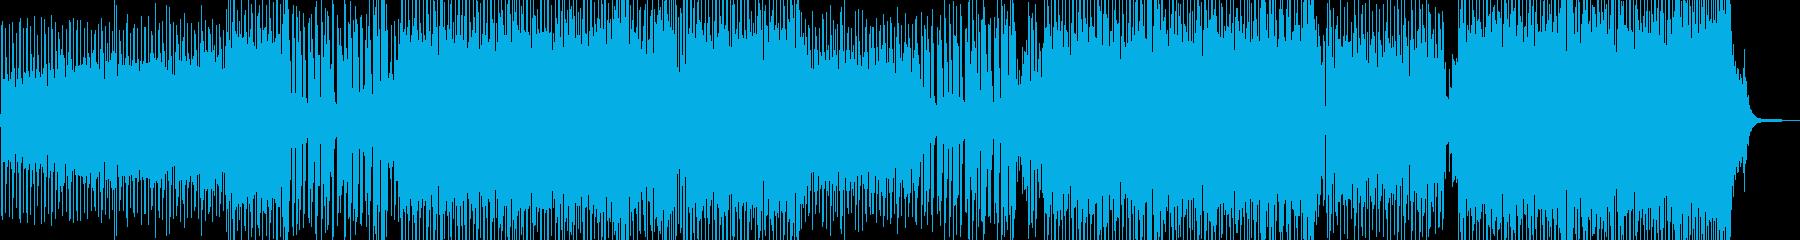 弾けるストリングス・爽快なEDM Bの再生済みの波形